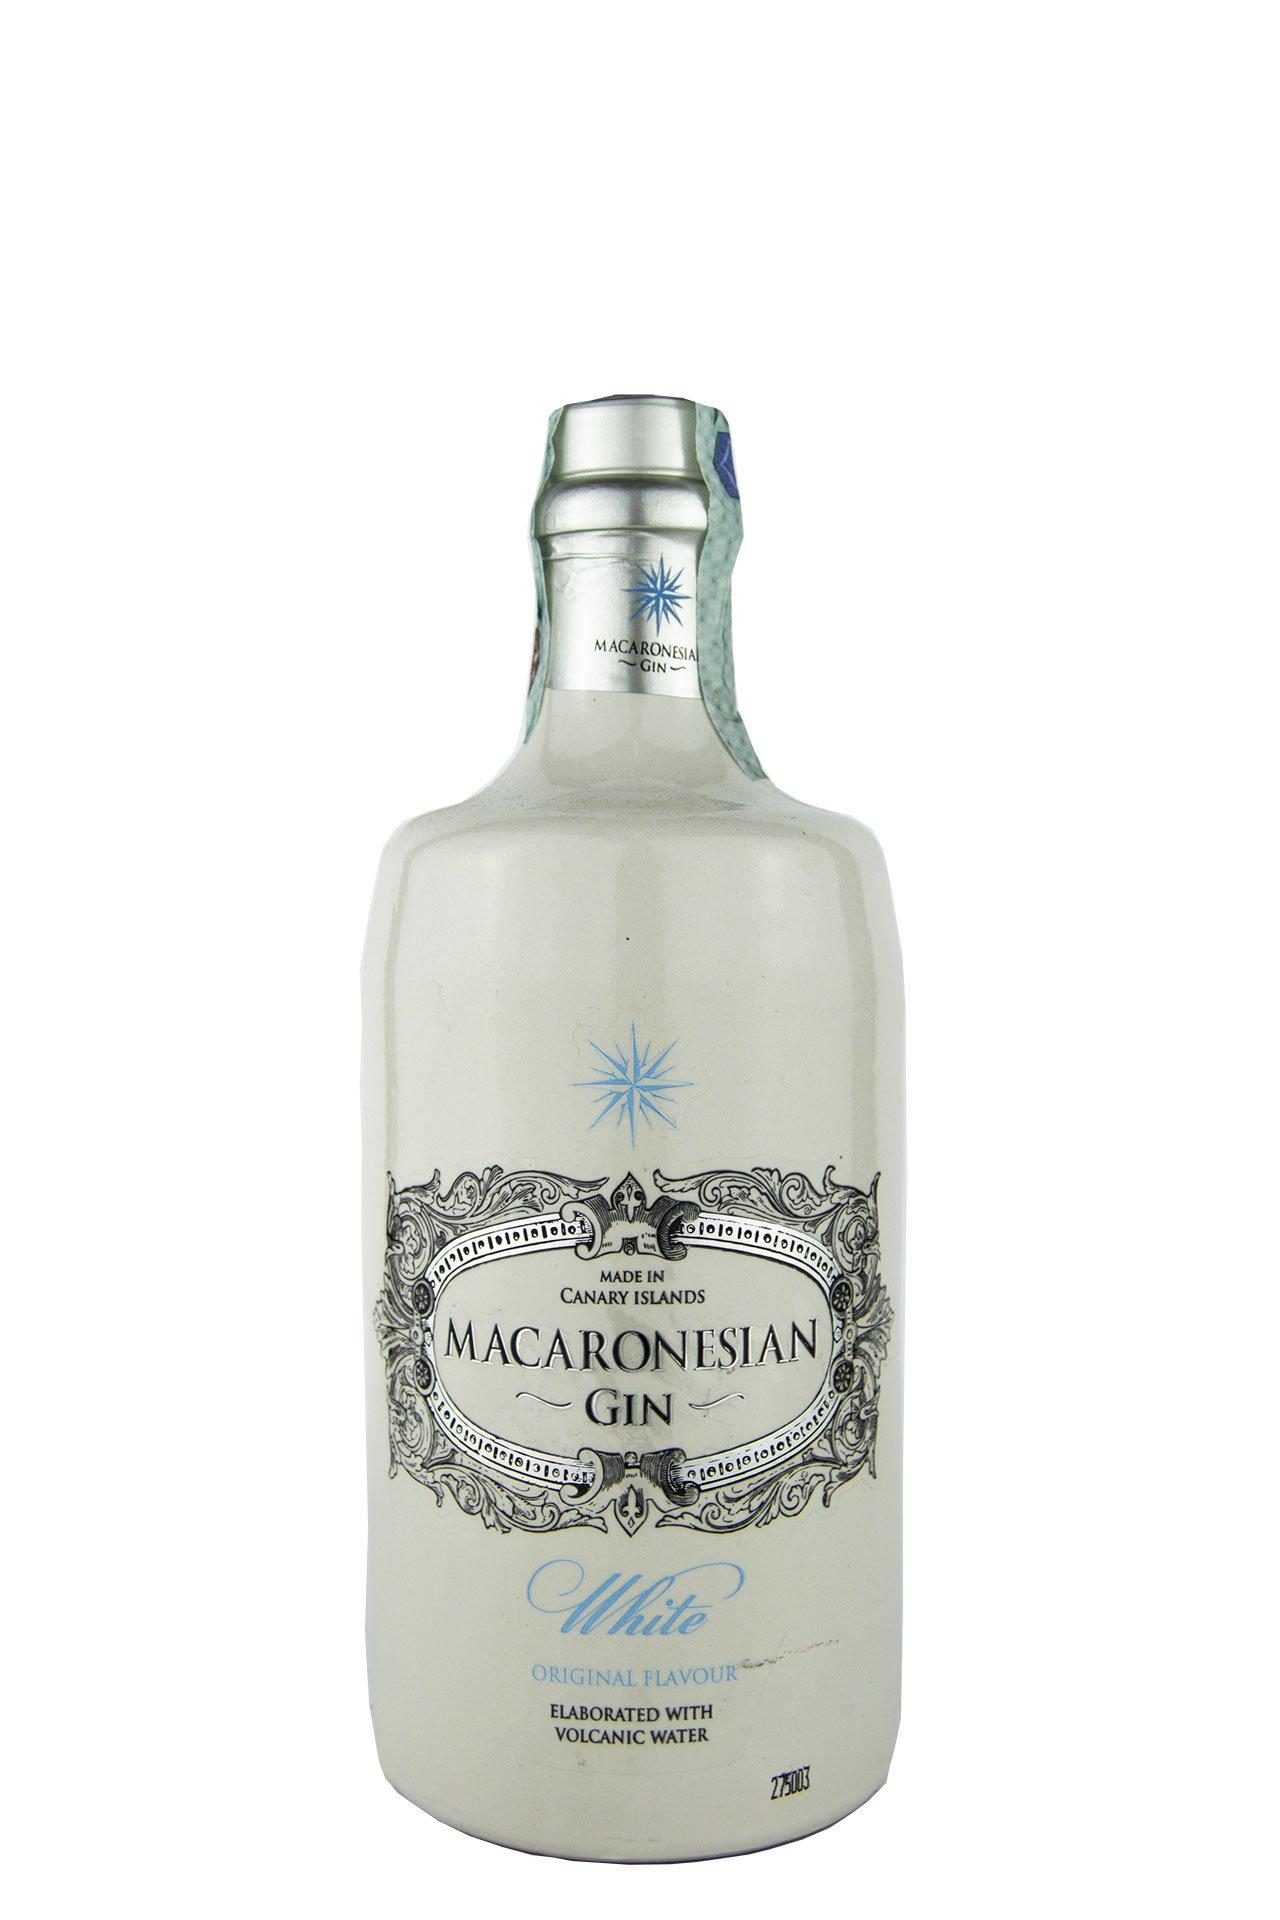 Macaronesian – Gin White